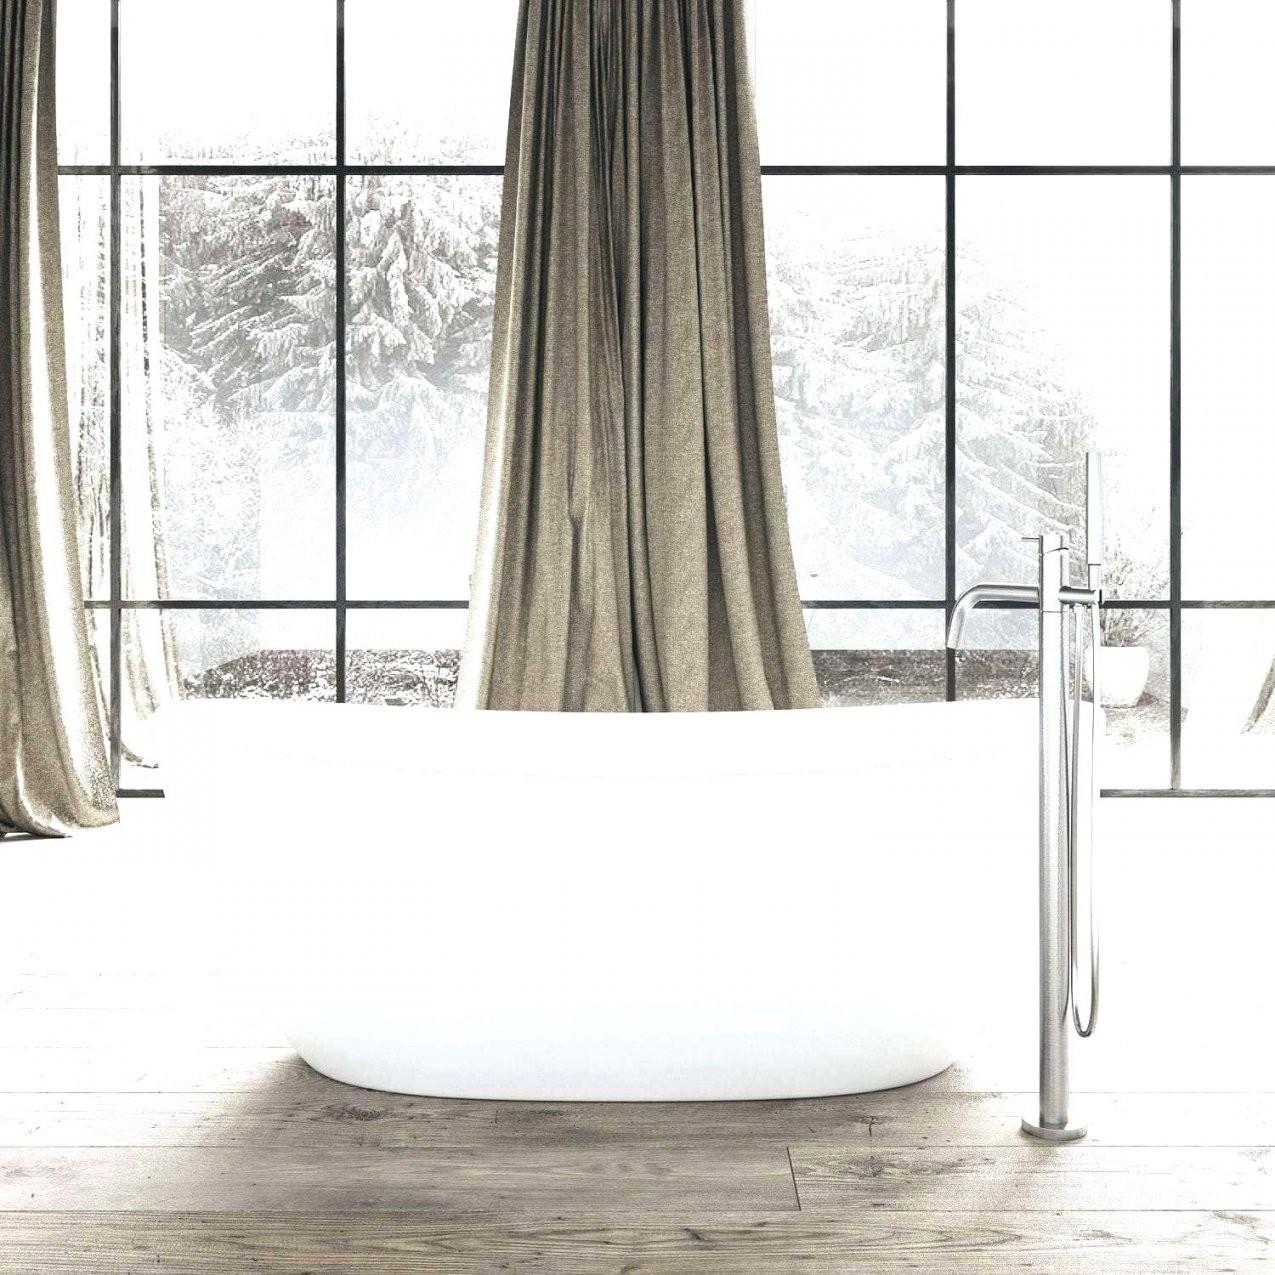 Tolle 32 Badewanne Freistehend Günstig Ideen Unilaggist Designideen von Günstige Freistehende Badewanne Bild